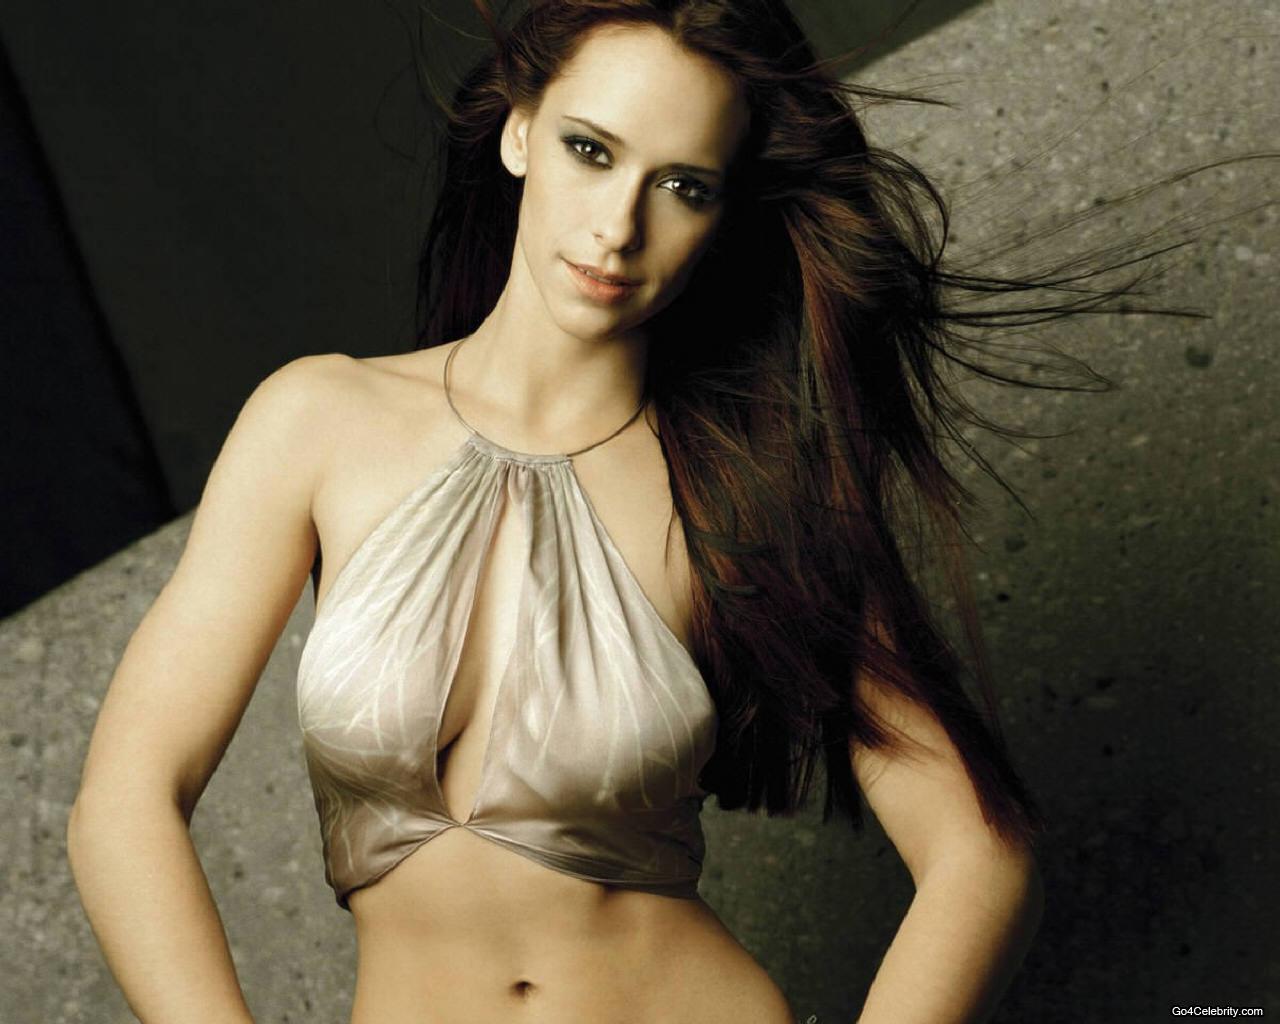 Jennifer love hewitt sexy photos images 155